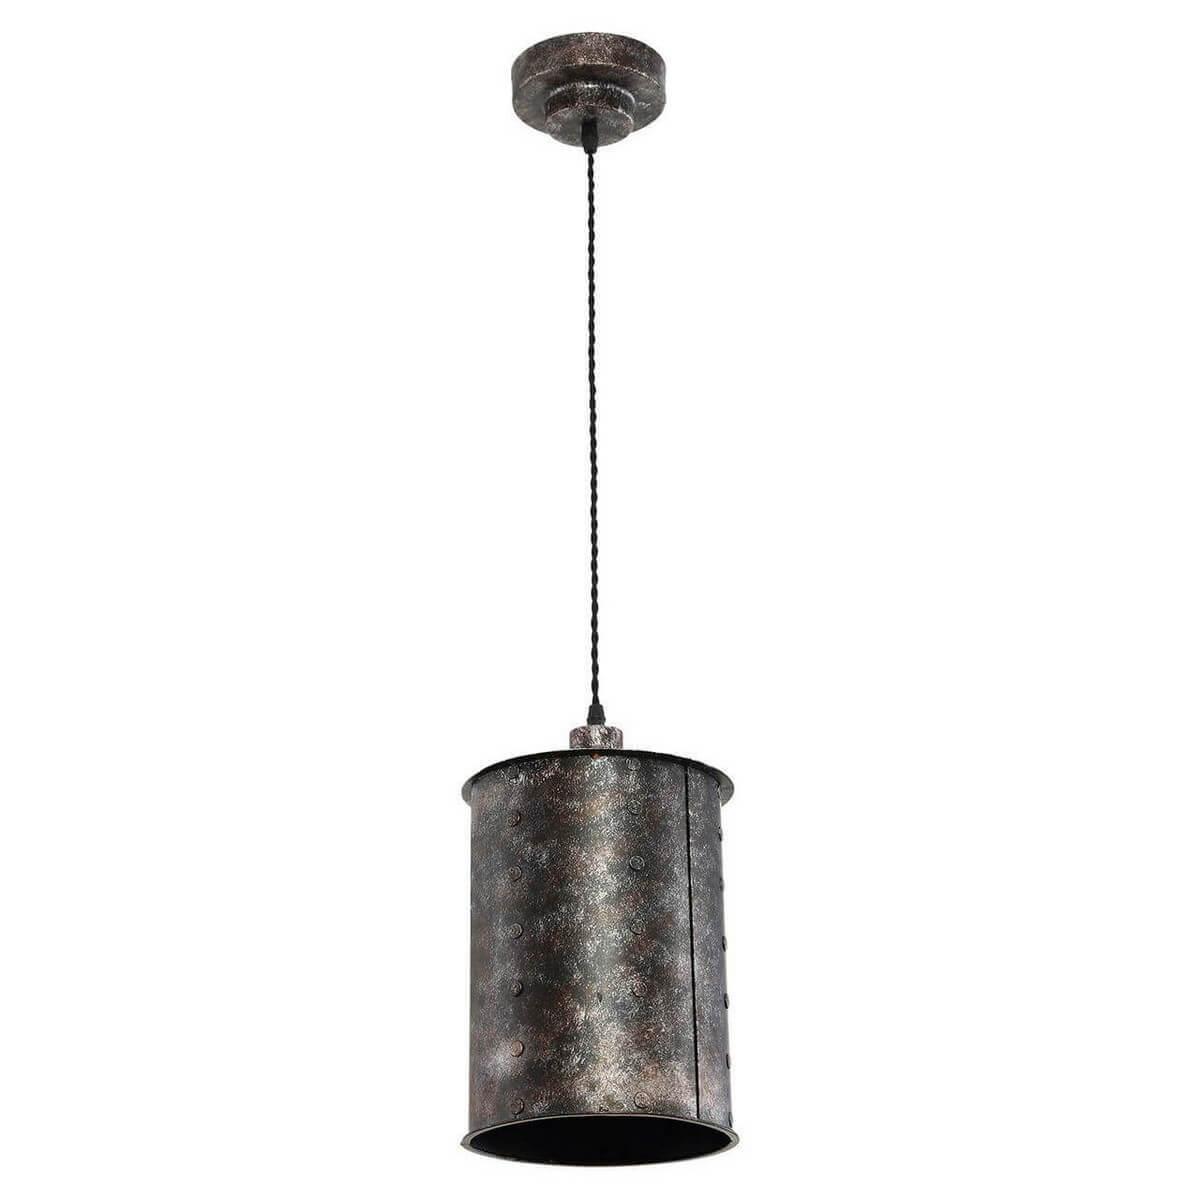 Подвесной светильник Lussole Loft GRLSP-9695 подвесной светильник lussole grlsp 9856 серый